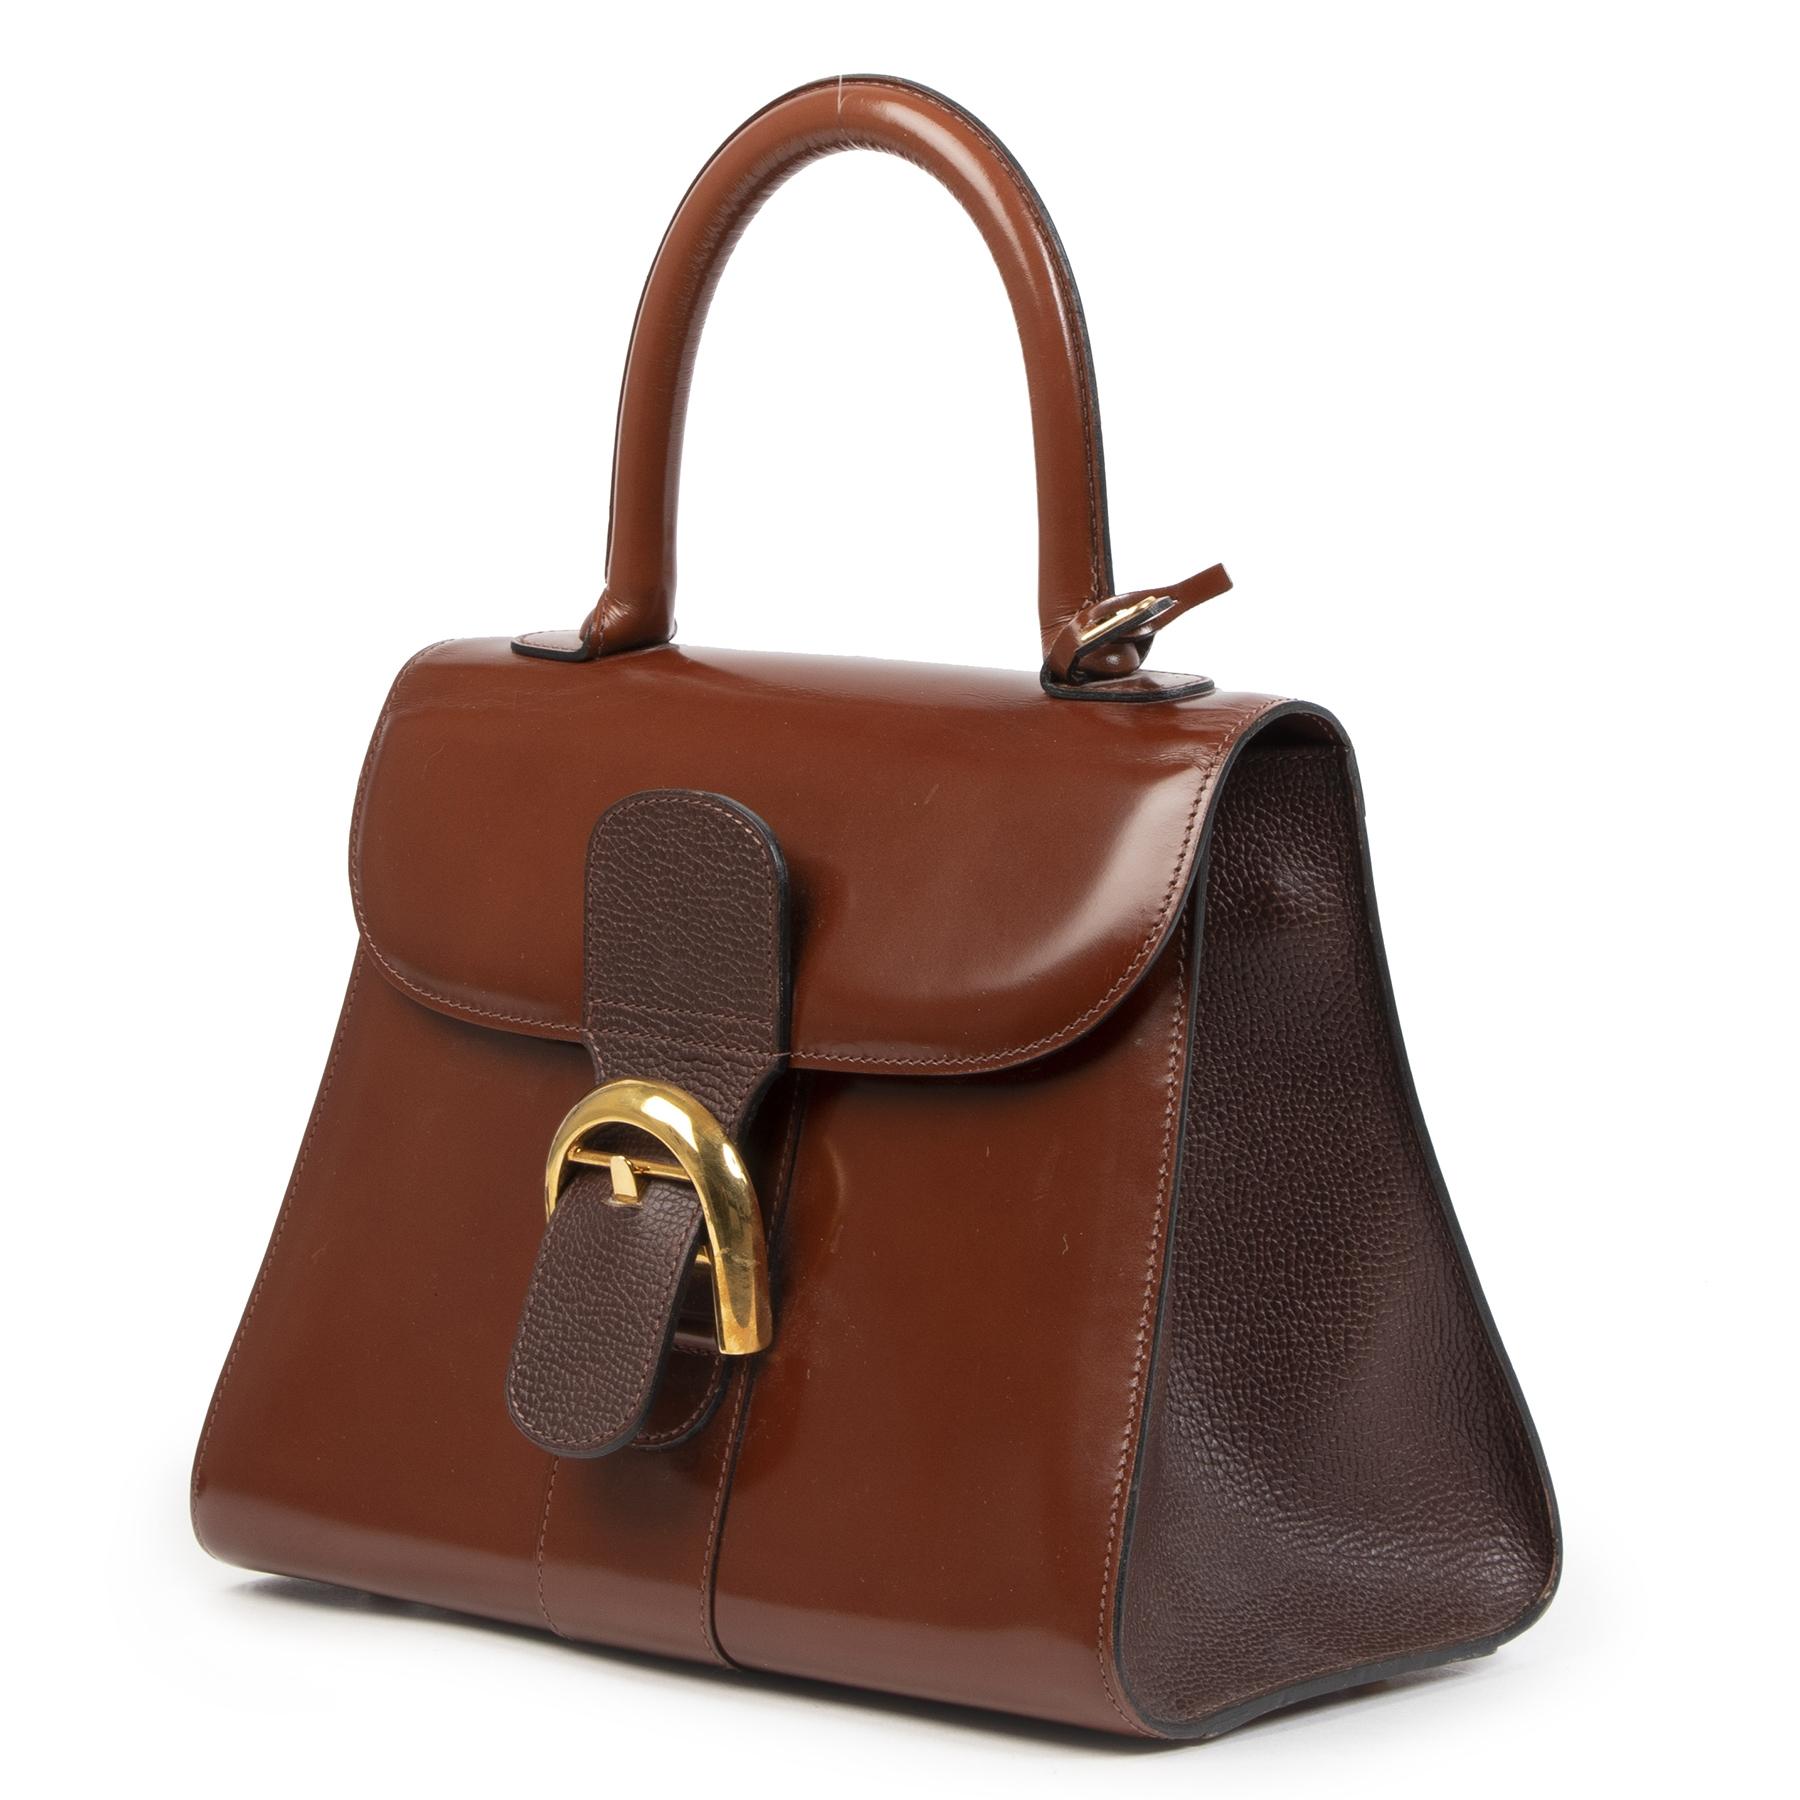 Delvaux Brown Bicolor Patent Brillant PM Bag koop online tegen de beste prijs